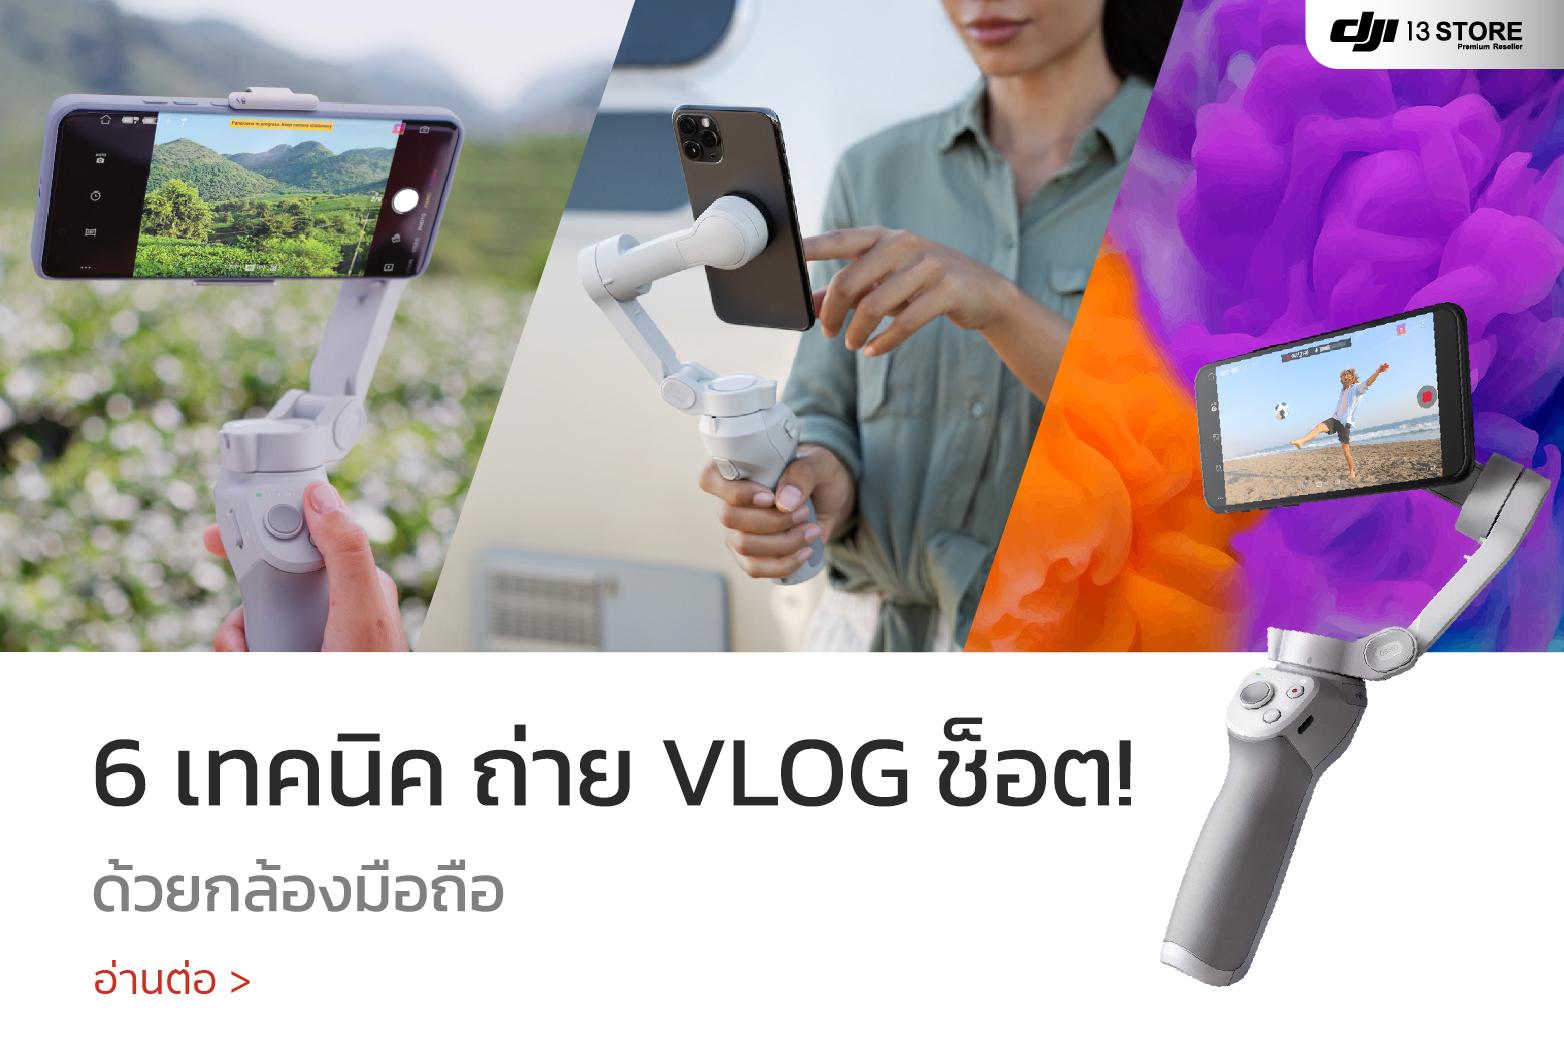 6 เทคนิค ถ่าย VLOG ช็อต! ง่ายๆ ด้วยกล้องมือถือ